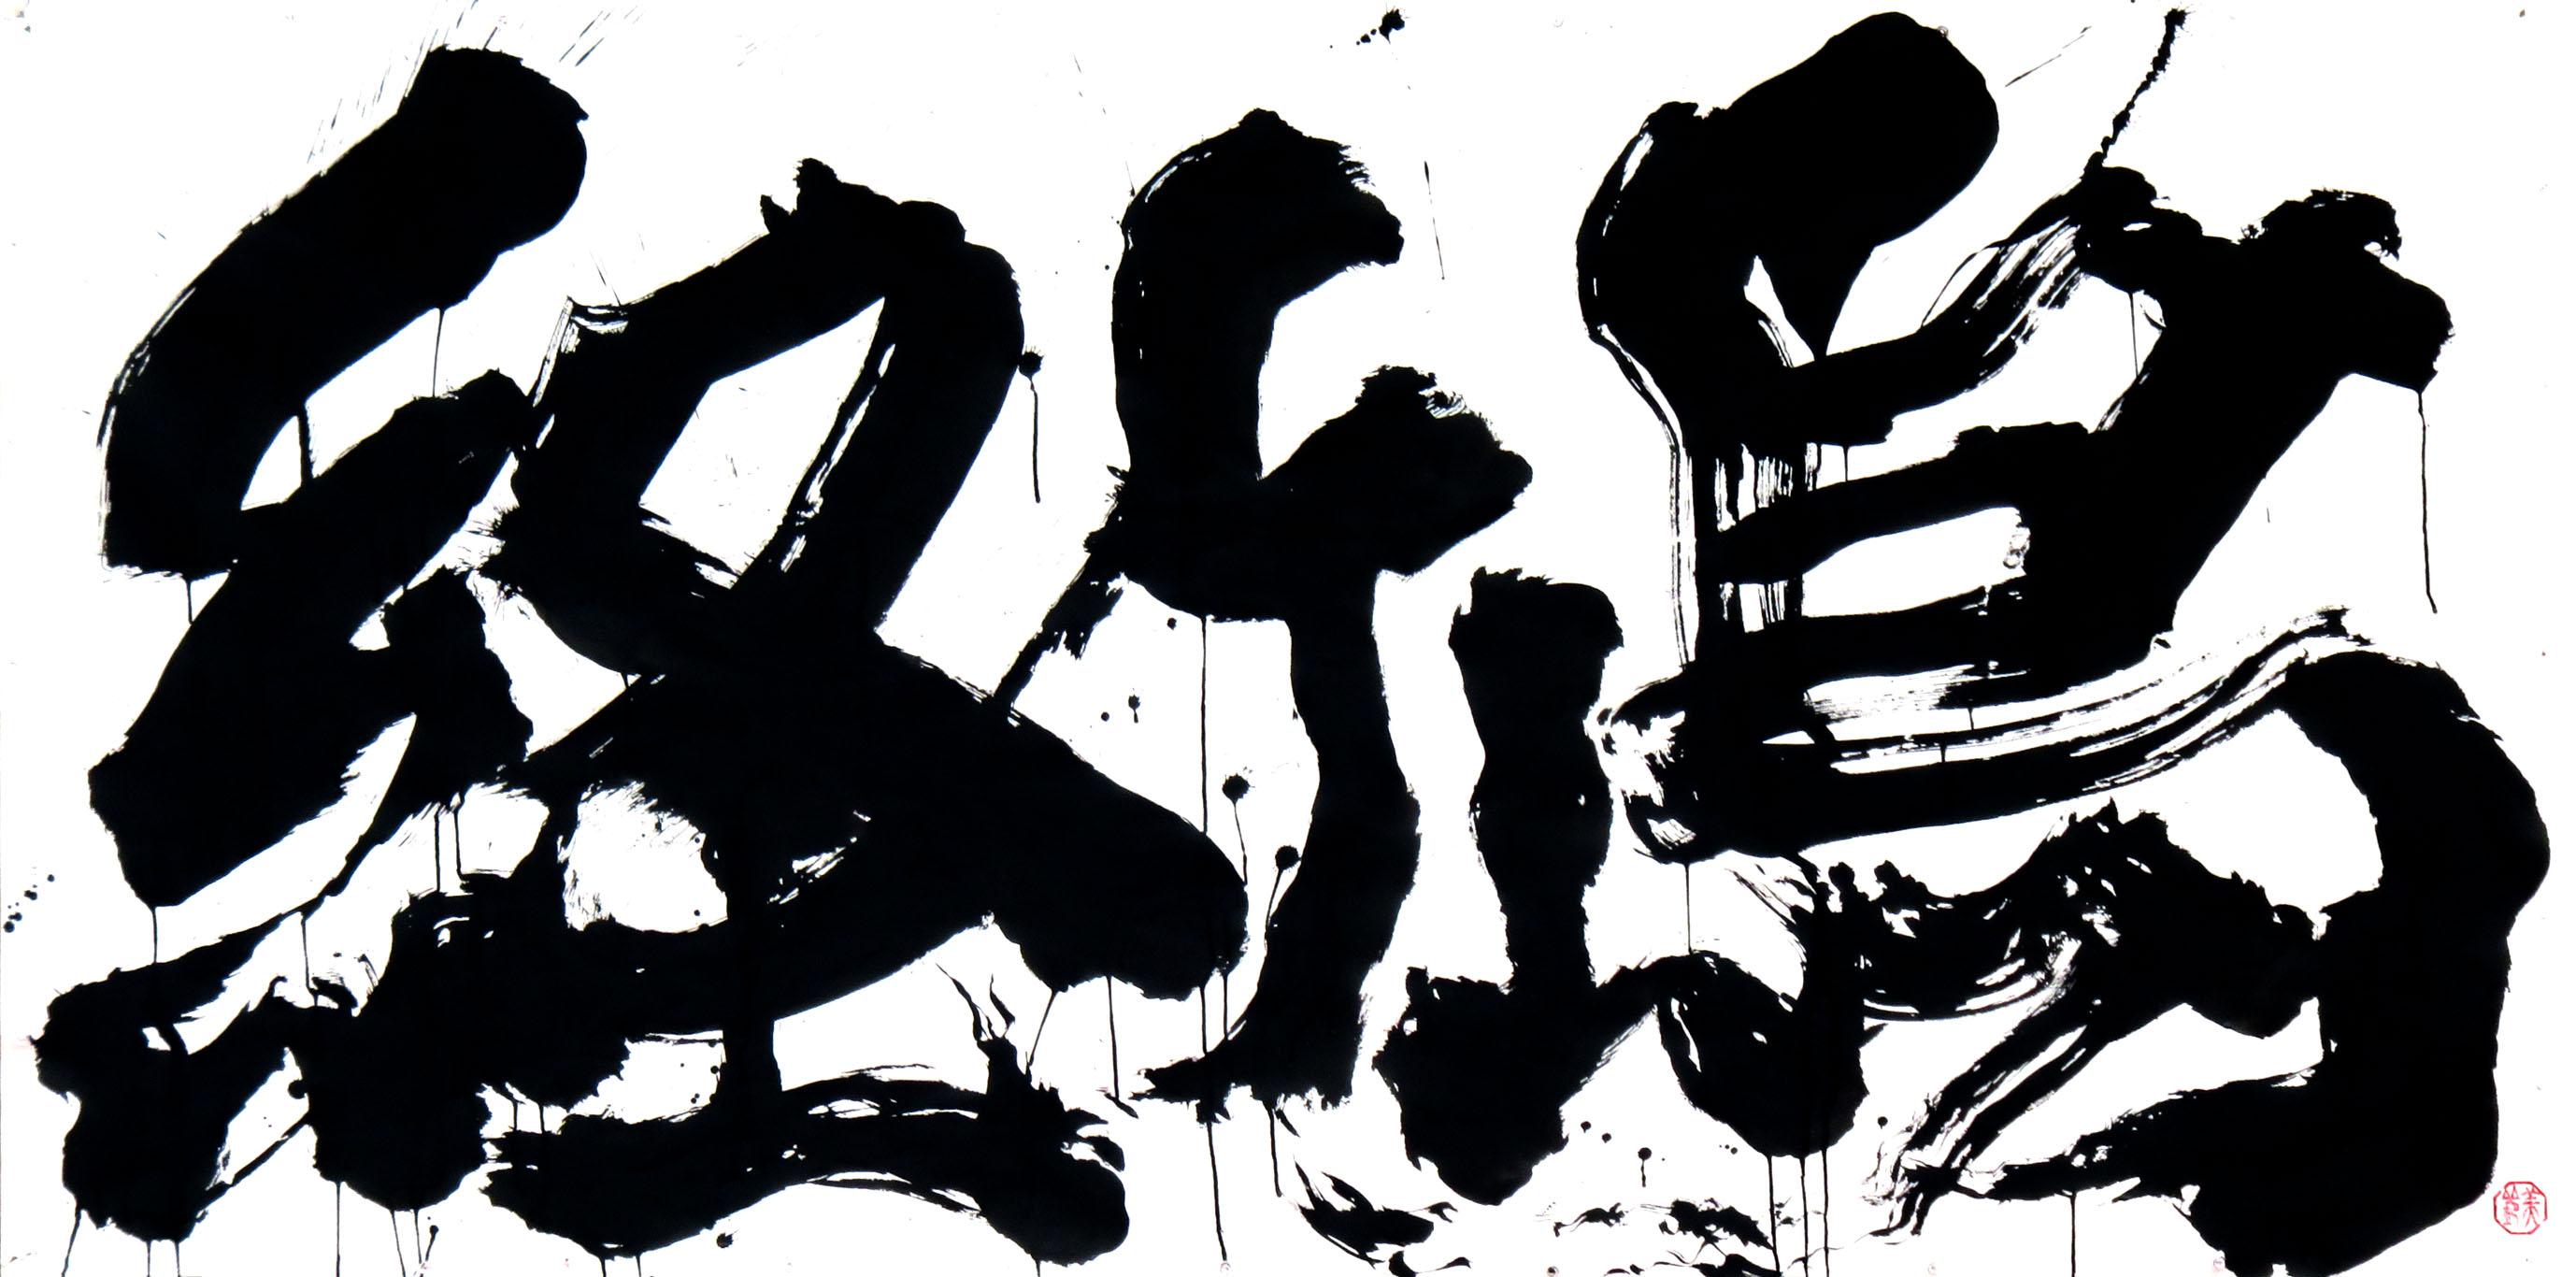 神戸港開港150年のルーツ・兵庫津「経ヶ島」(1)_a0098174_14405859.jpg